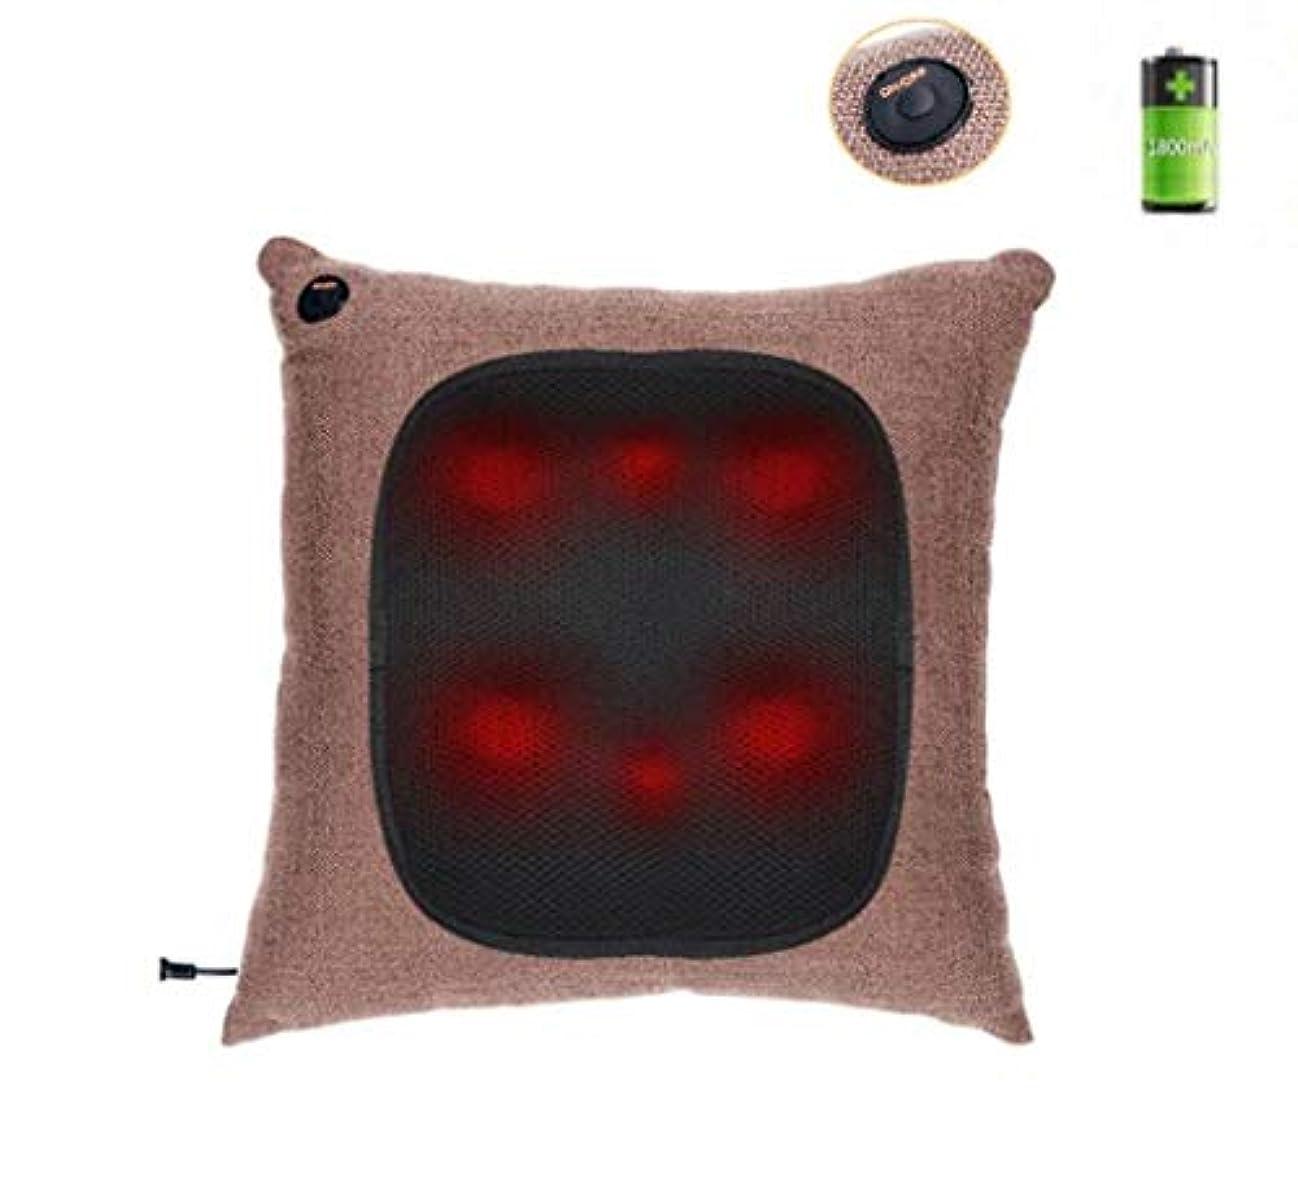 の慈悲でマウスアセ多機能マッサージ枕、オフィス、自宅、車、首、肩、腰、背中、ボディマッサージクッション、携帯用枕、充電式、ワイヤレス